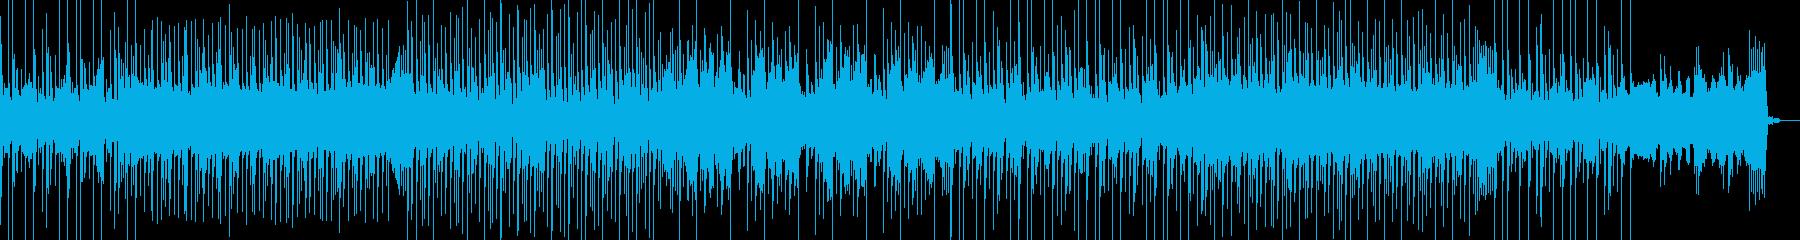 爽やかでポップかつユーモラスなBGMの再生済みの波形